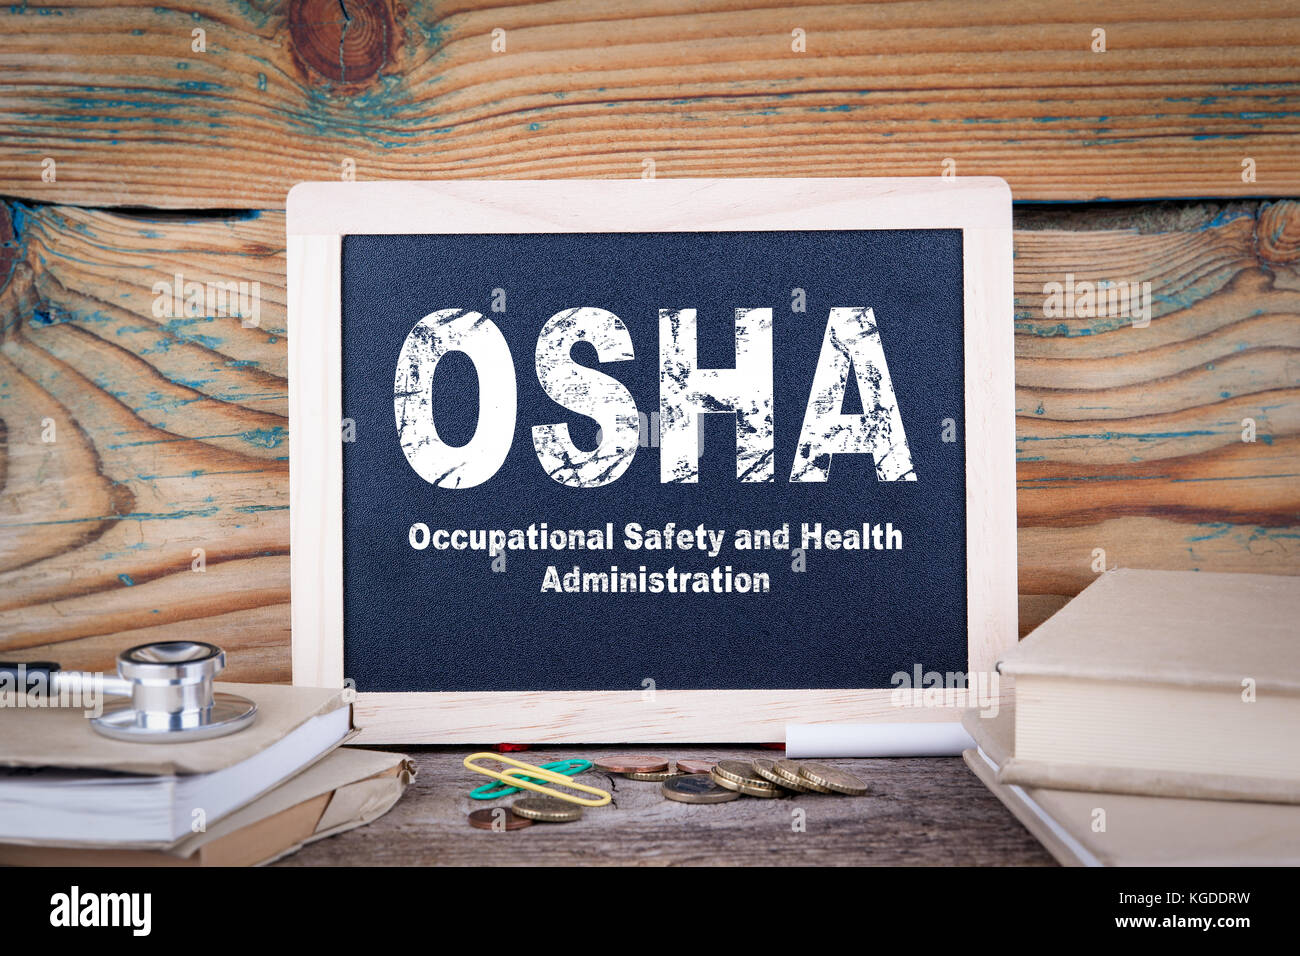 Osha, administración de salud y seguridad ocupacional en una pizarra de fondo de madera Imagen De Stock